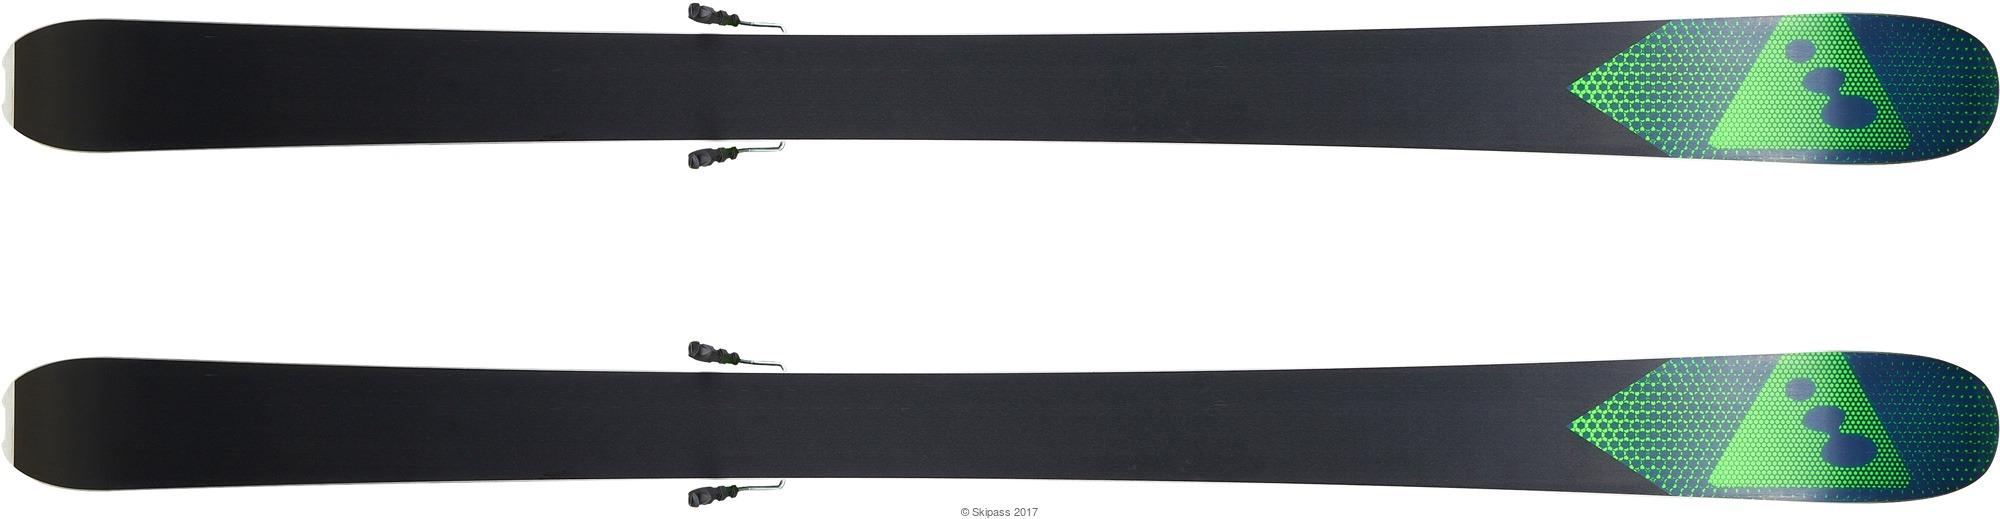 Wedze Samurai 700